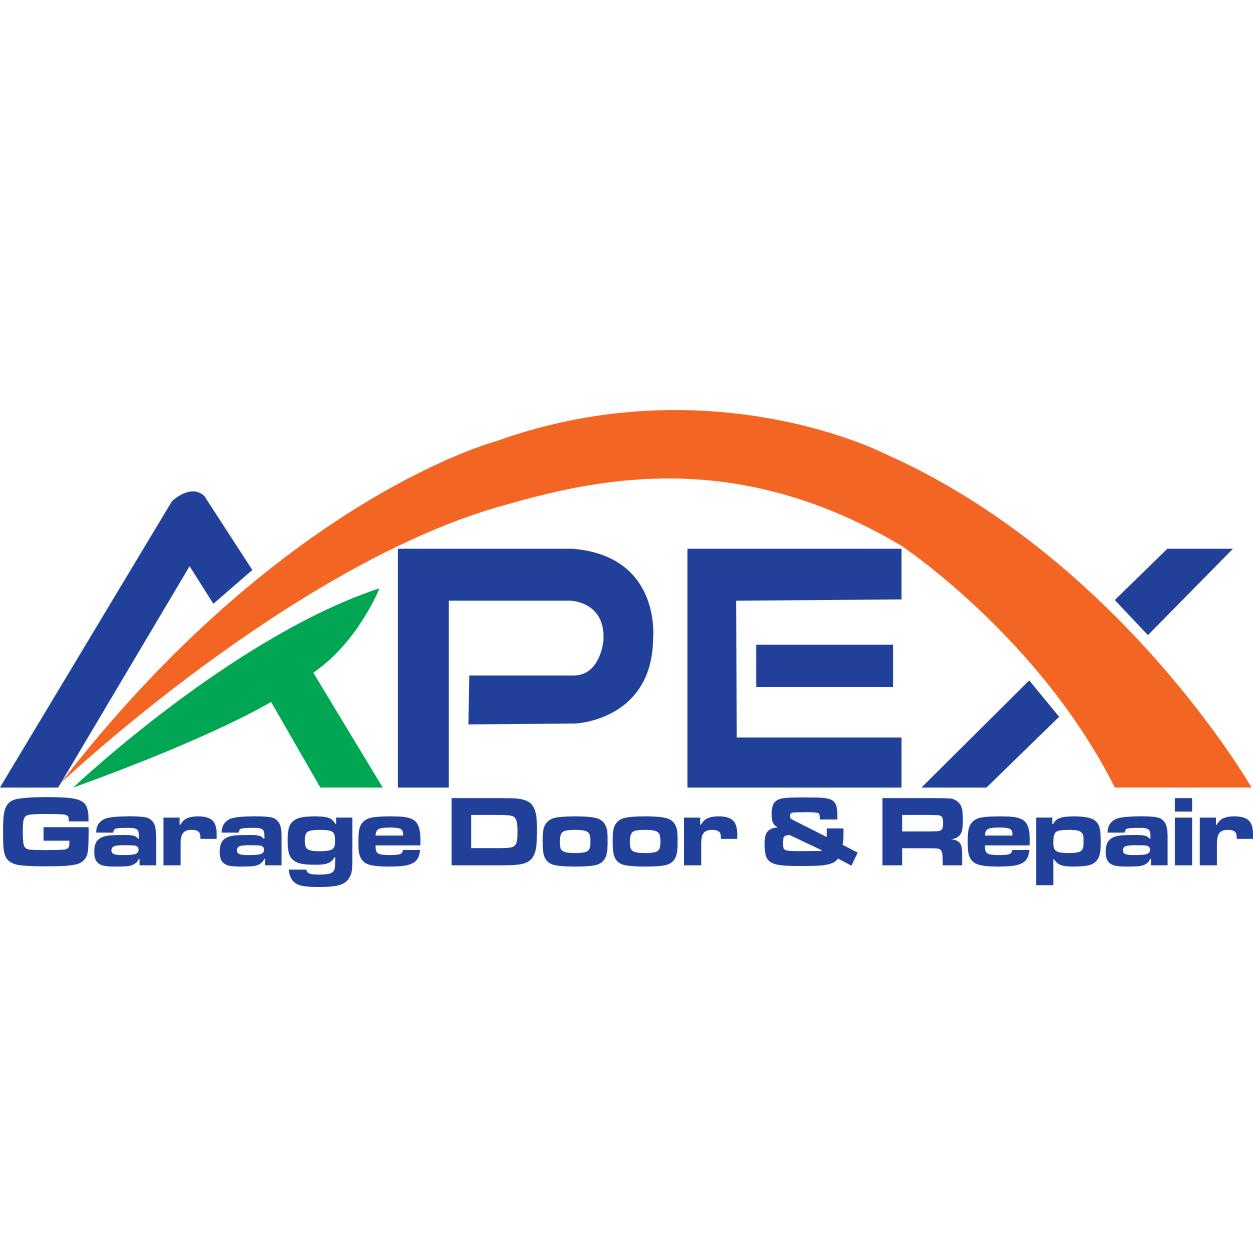 Apex garage door repair in phoenix az 85022 for Garage door repair phoenix